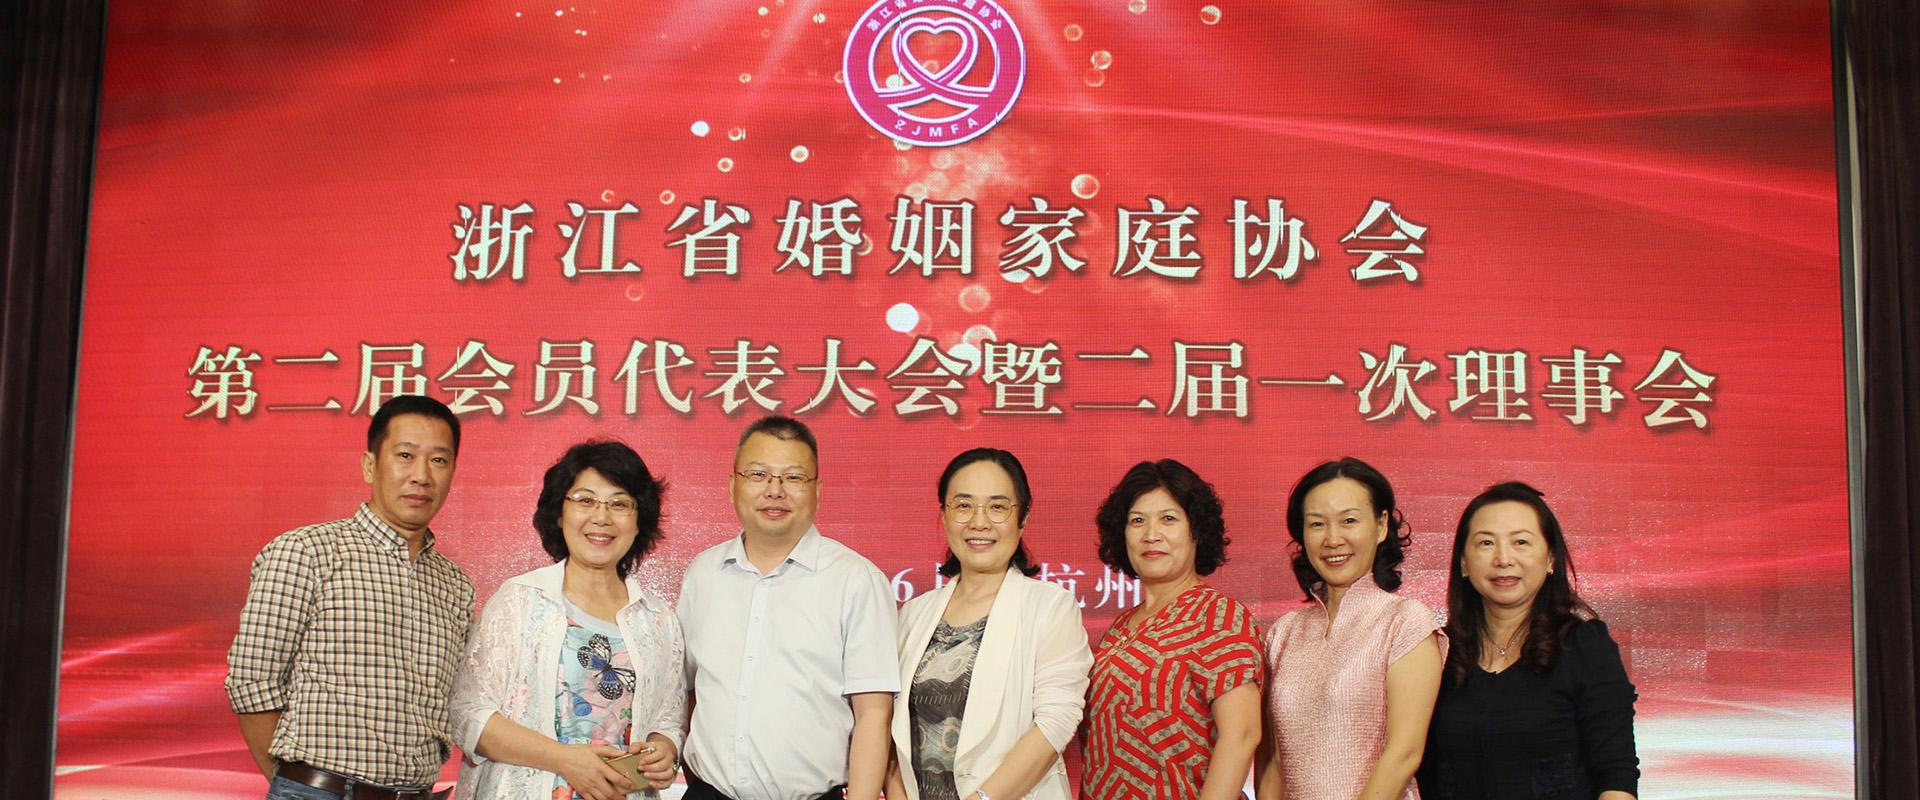 共享中国梦·共筑同心圆 | 佐钊党支部与浙江省婚姻家庭协会共祝祖国70周年华诞